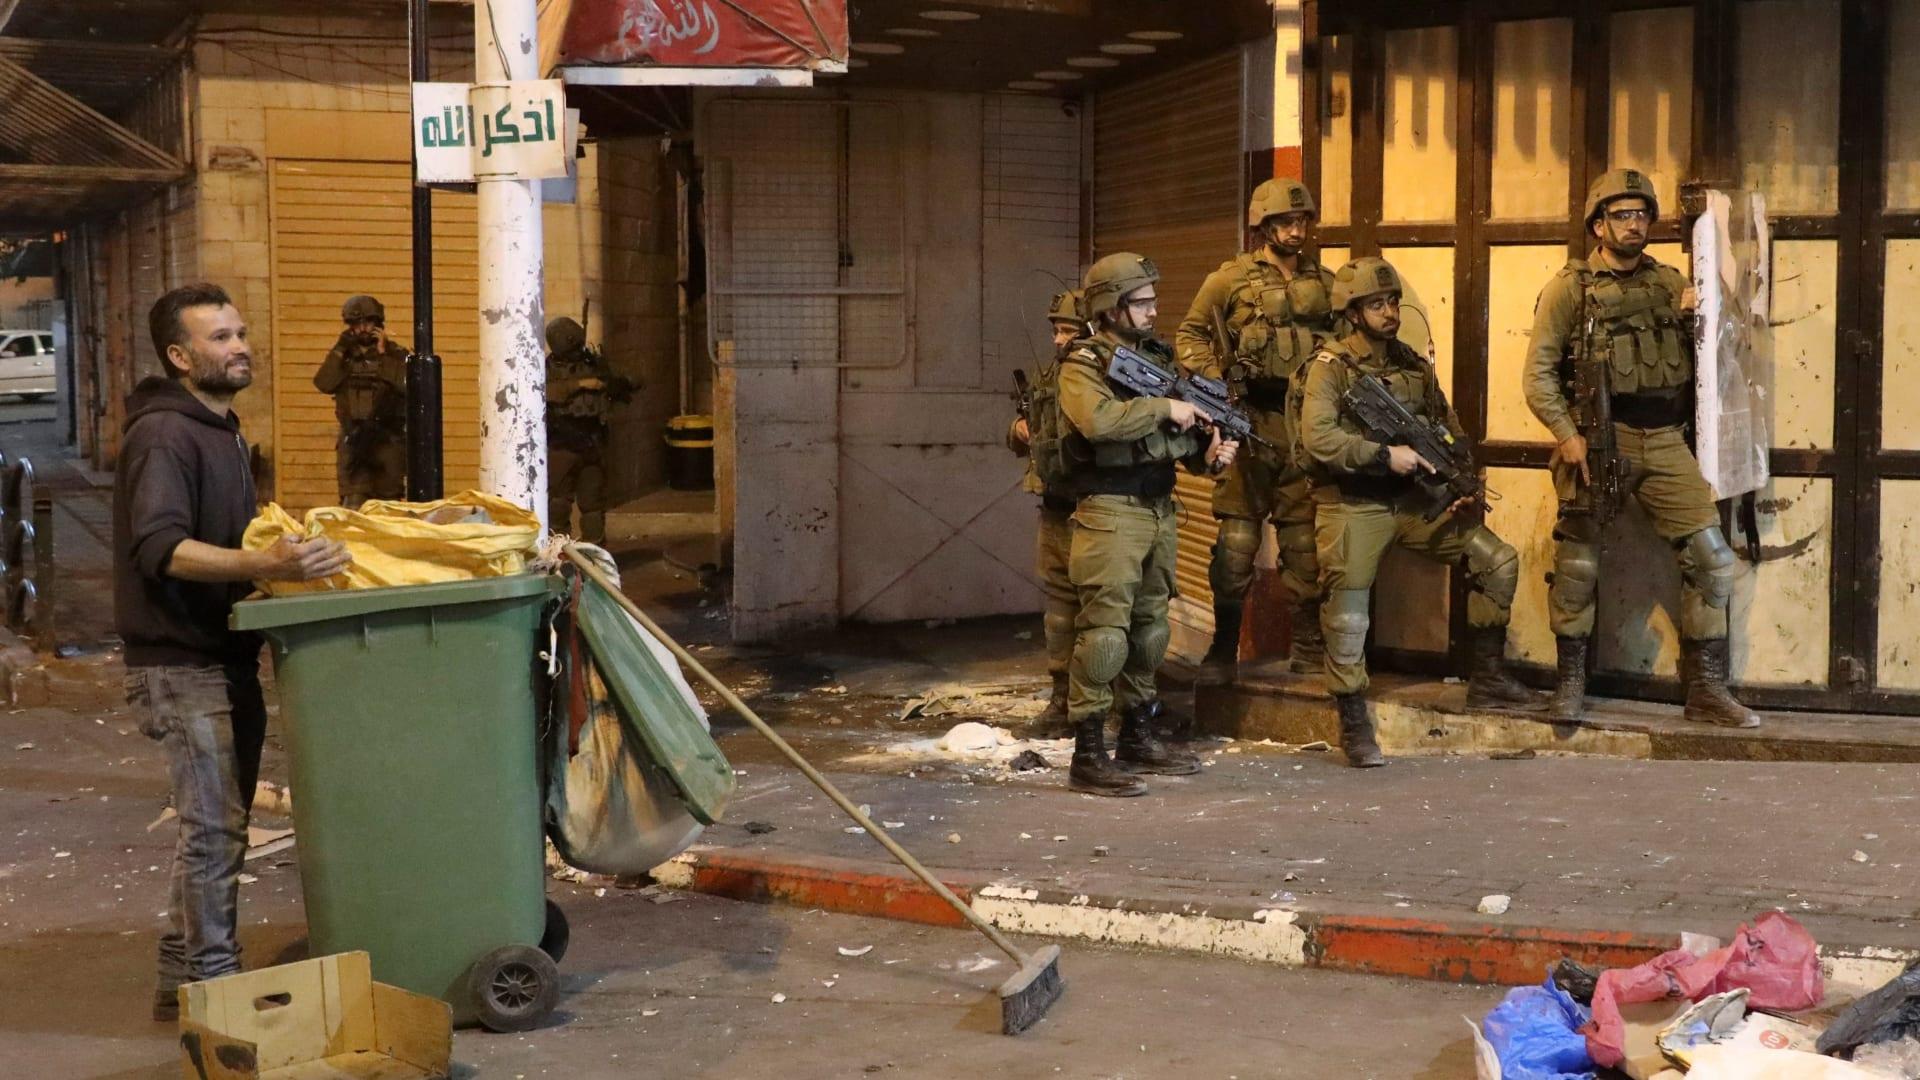 صورة تظهر عناصر أمن إسرائيلي إلى جانب عامل نظافة فلسطيني في القدس خلال المواجهات